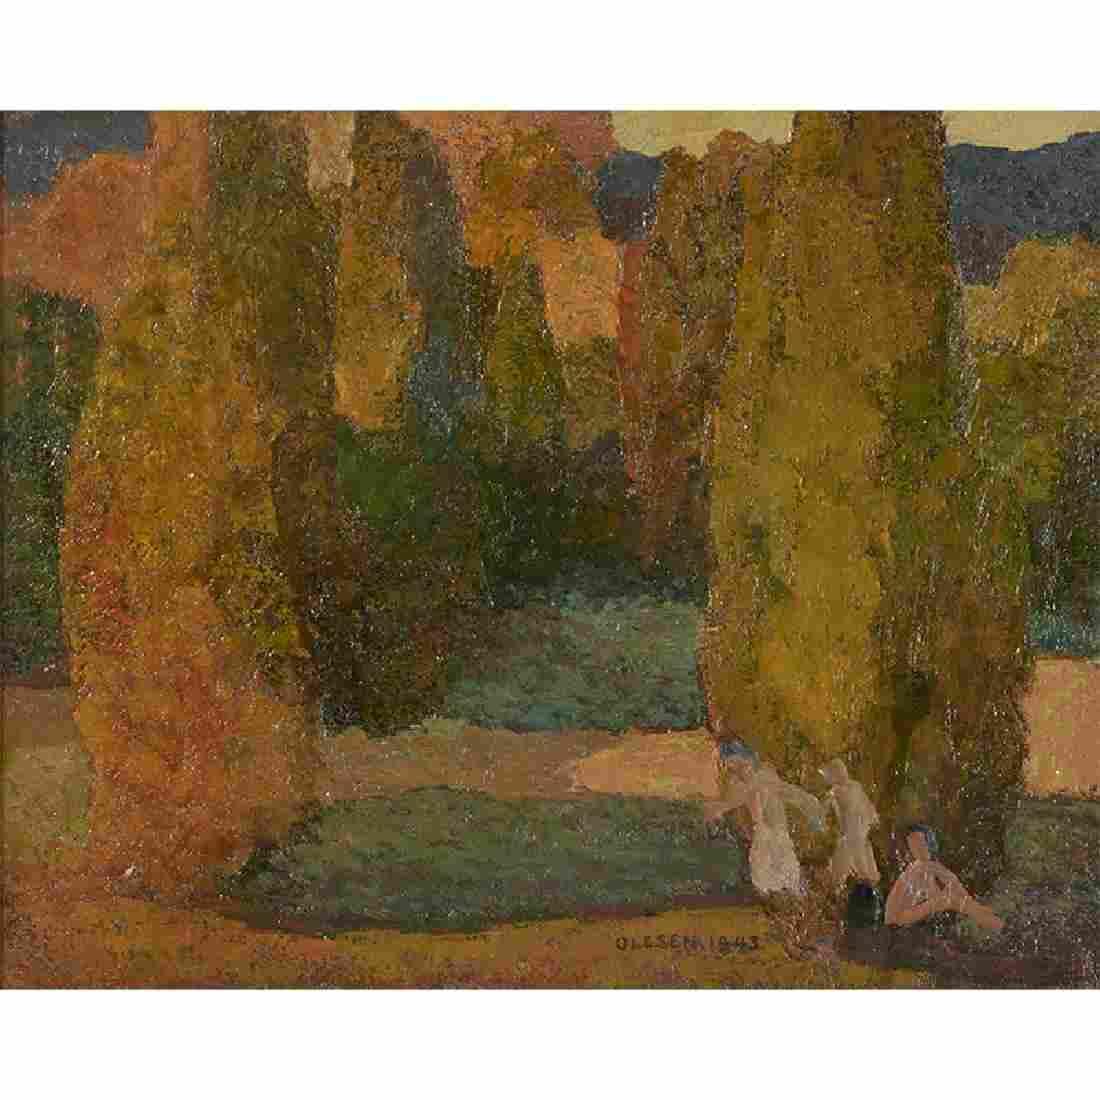 Olaf Olesen, Sunlit Cedars, 1943